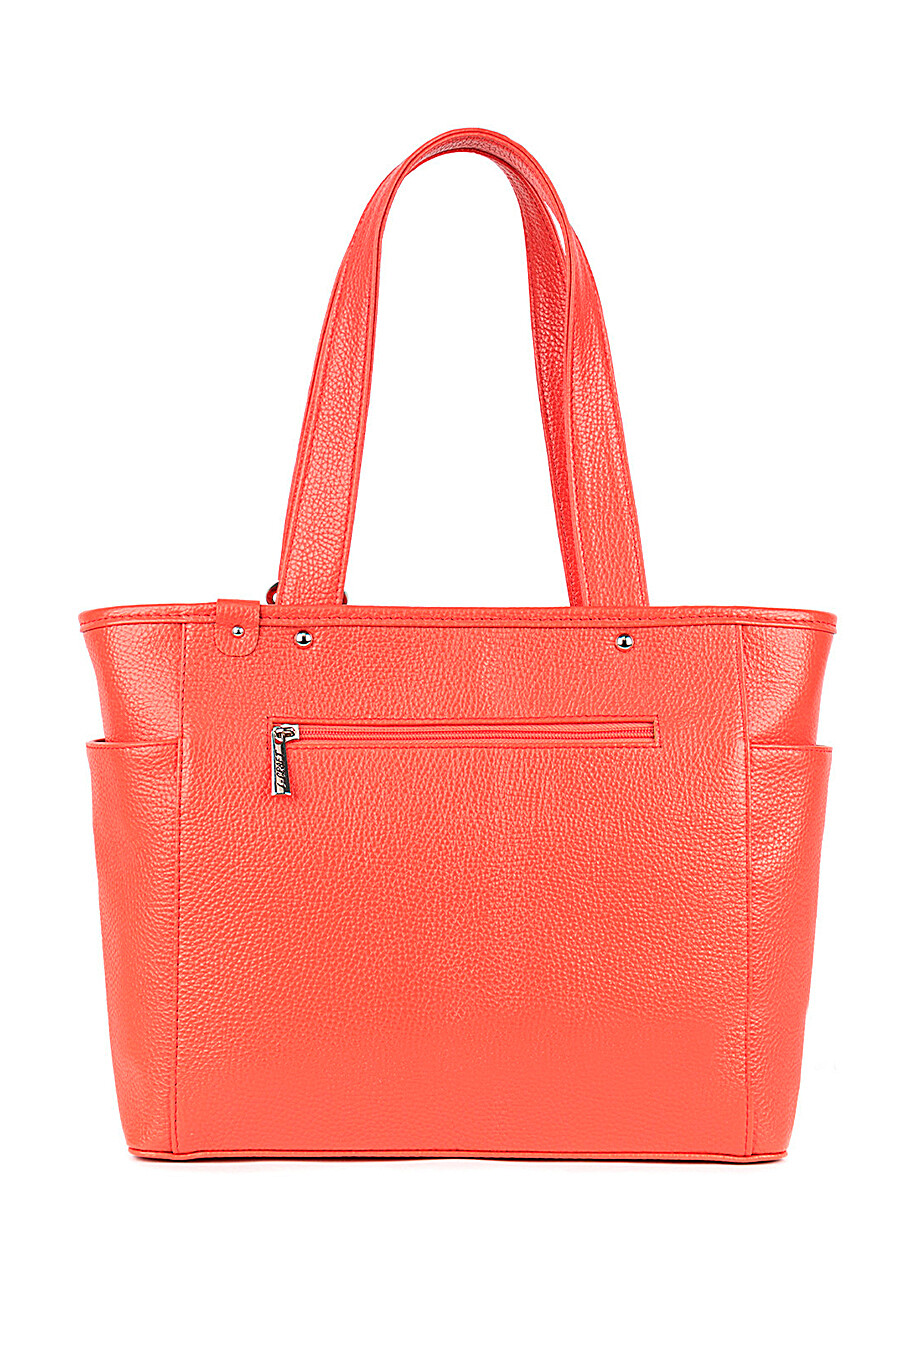 Сумка для женщин L-CRAFT 667906 купить оптом от производителя. Совместная покупка женской одежды в OptMoyo